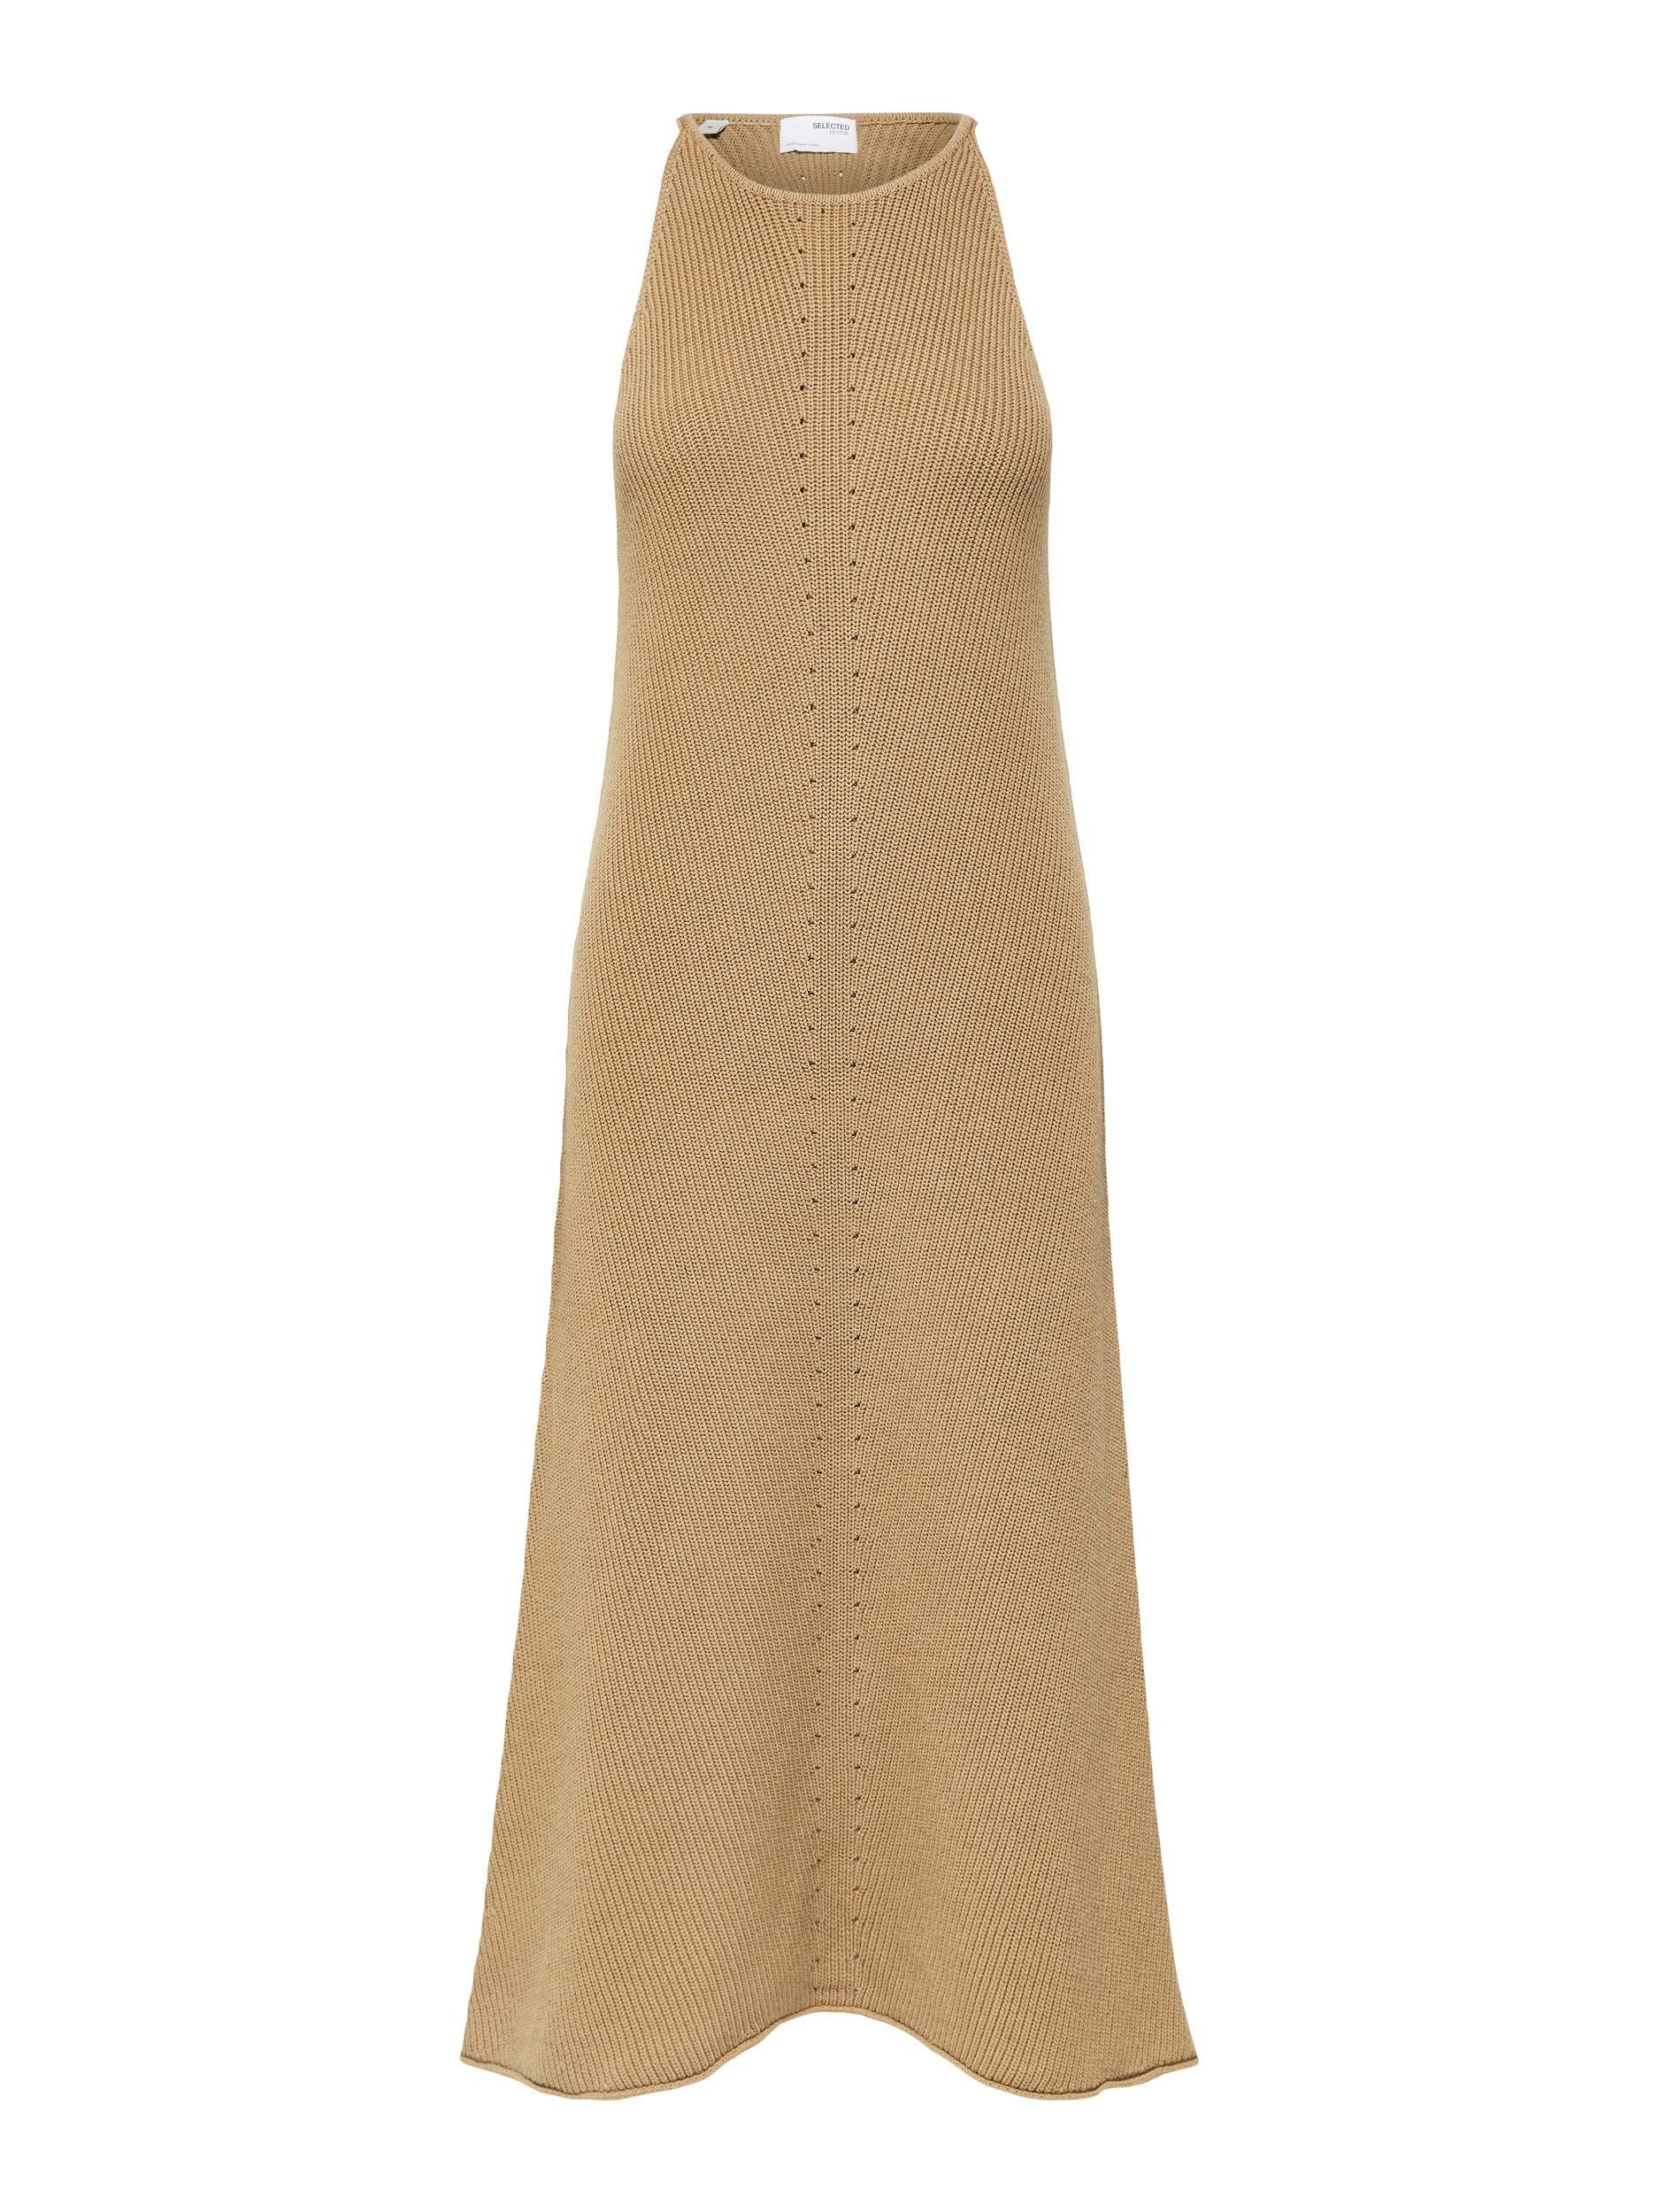 Selected Femme Maxa strik kjole